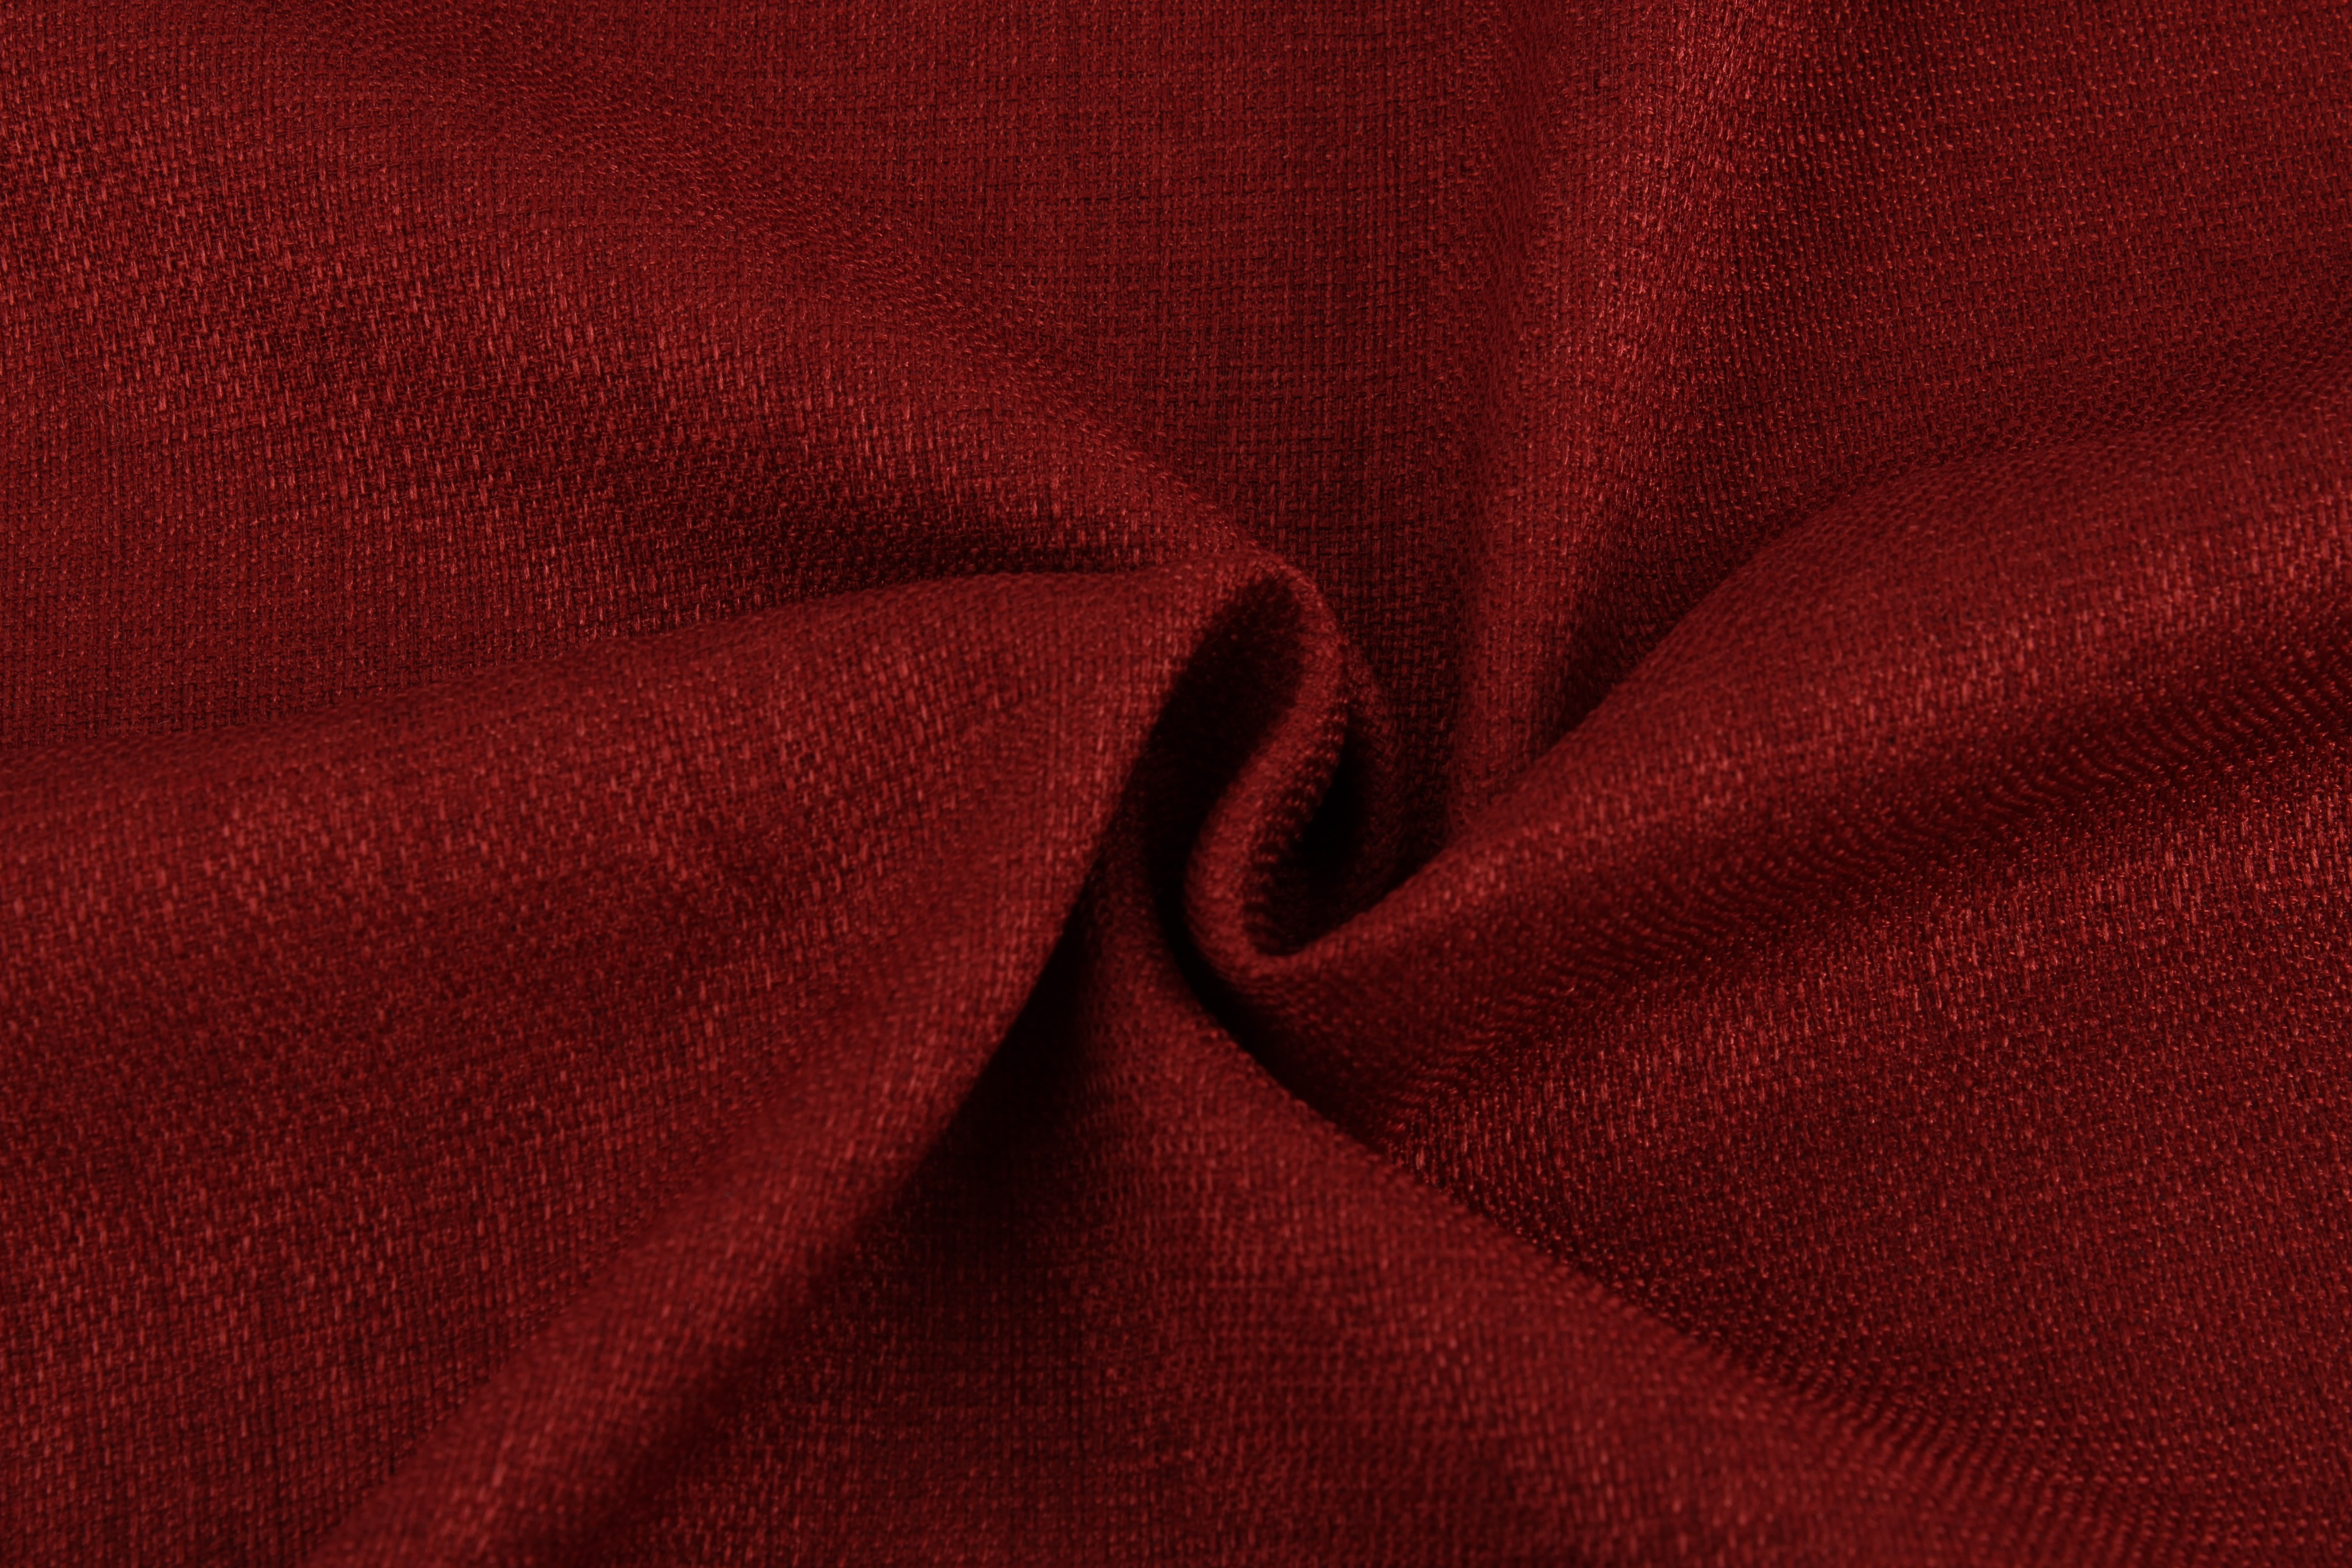 {} TexRepublic Материал Портьерная ткань Tough Цвет: Терракотовый texrepublic материал портьерная ткань tough цвет зеленый